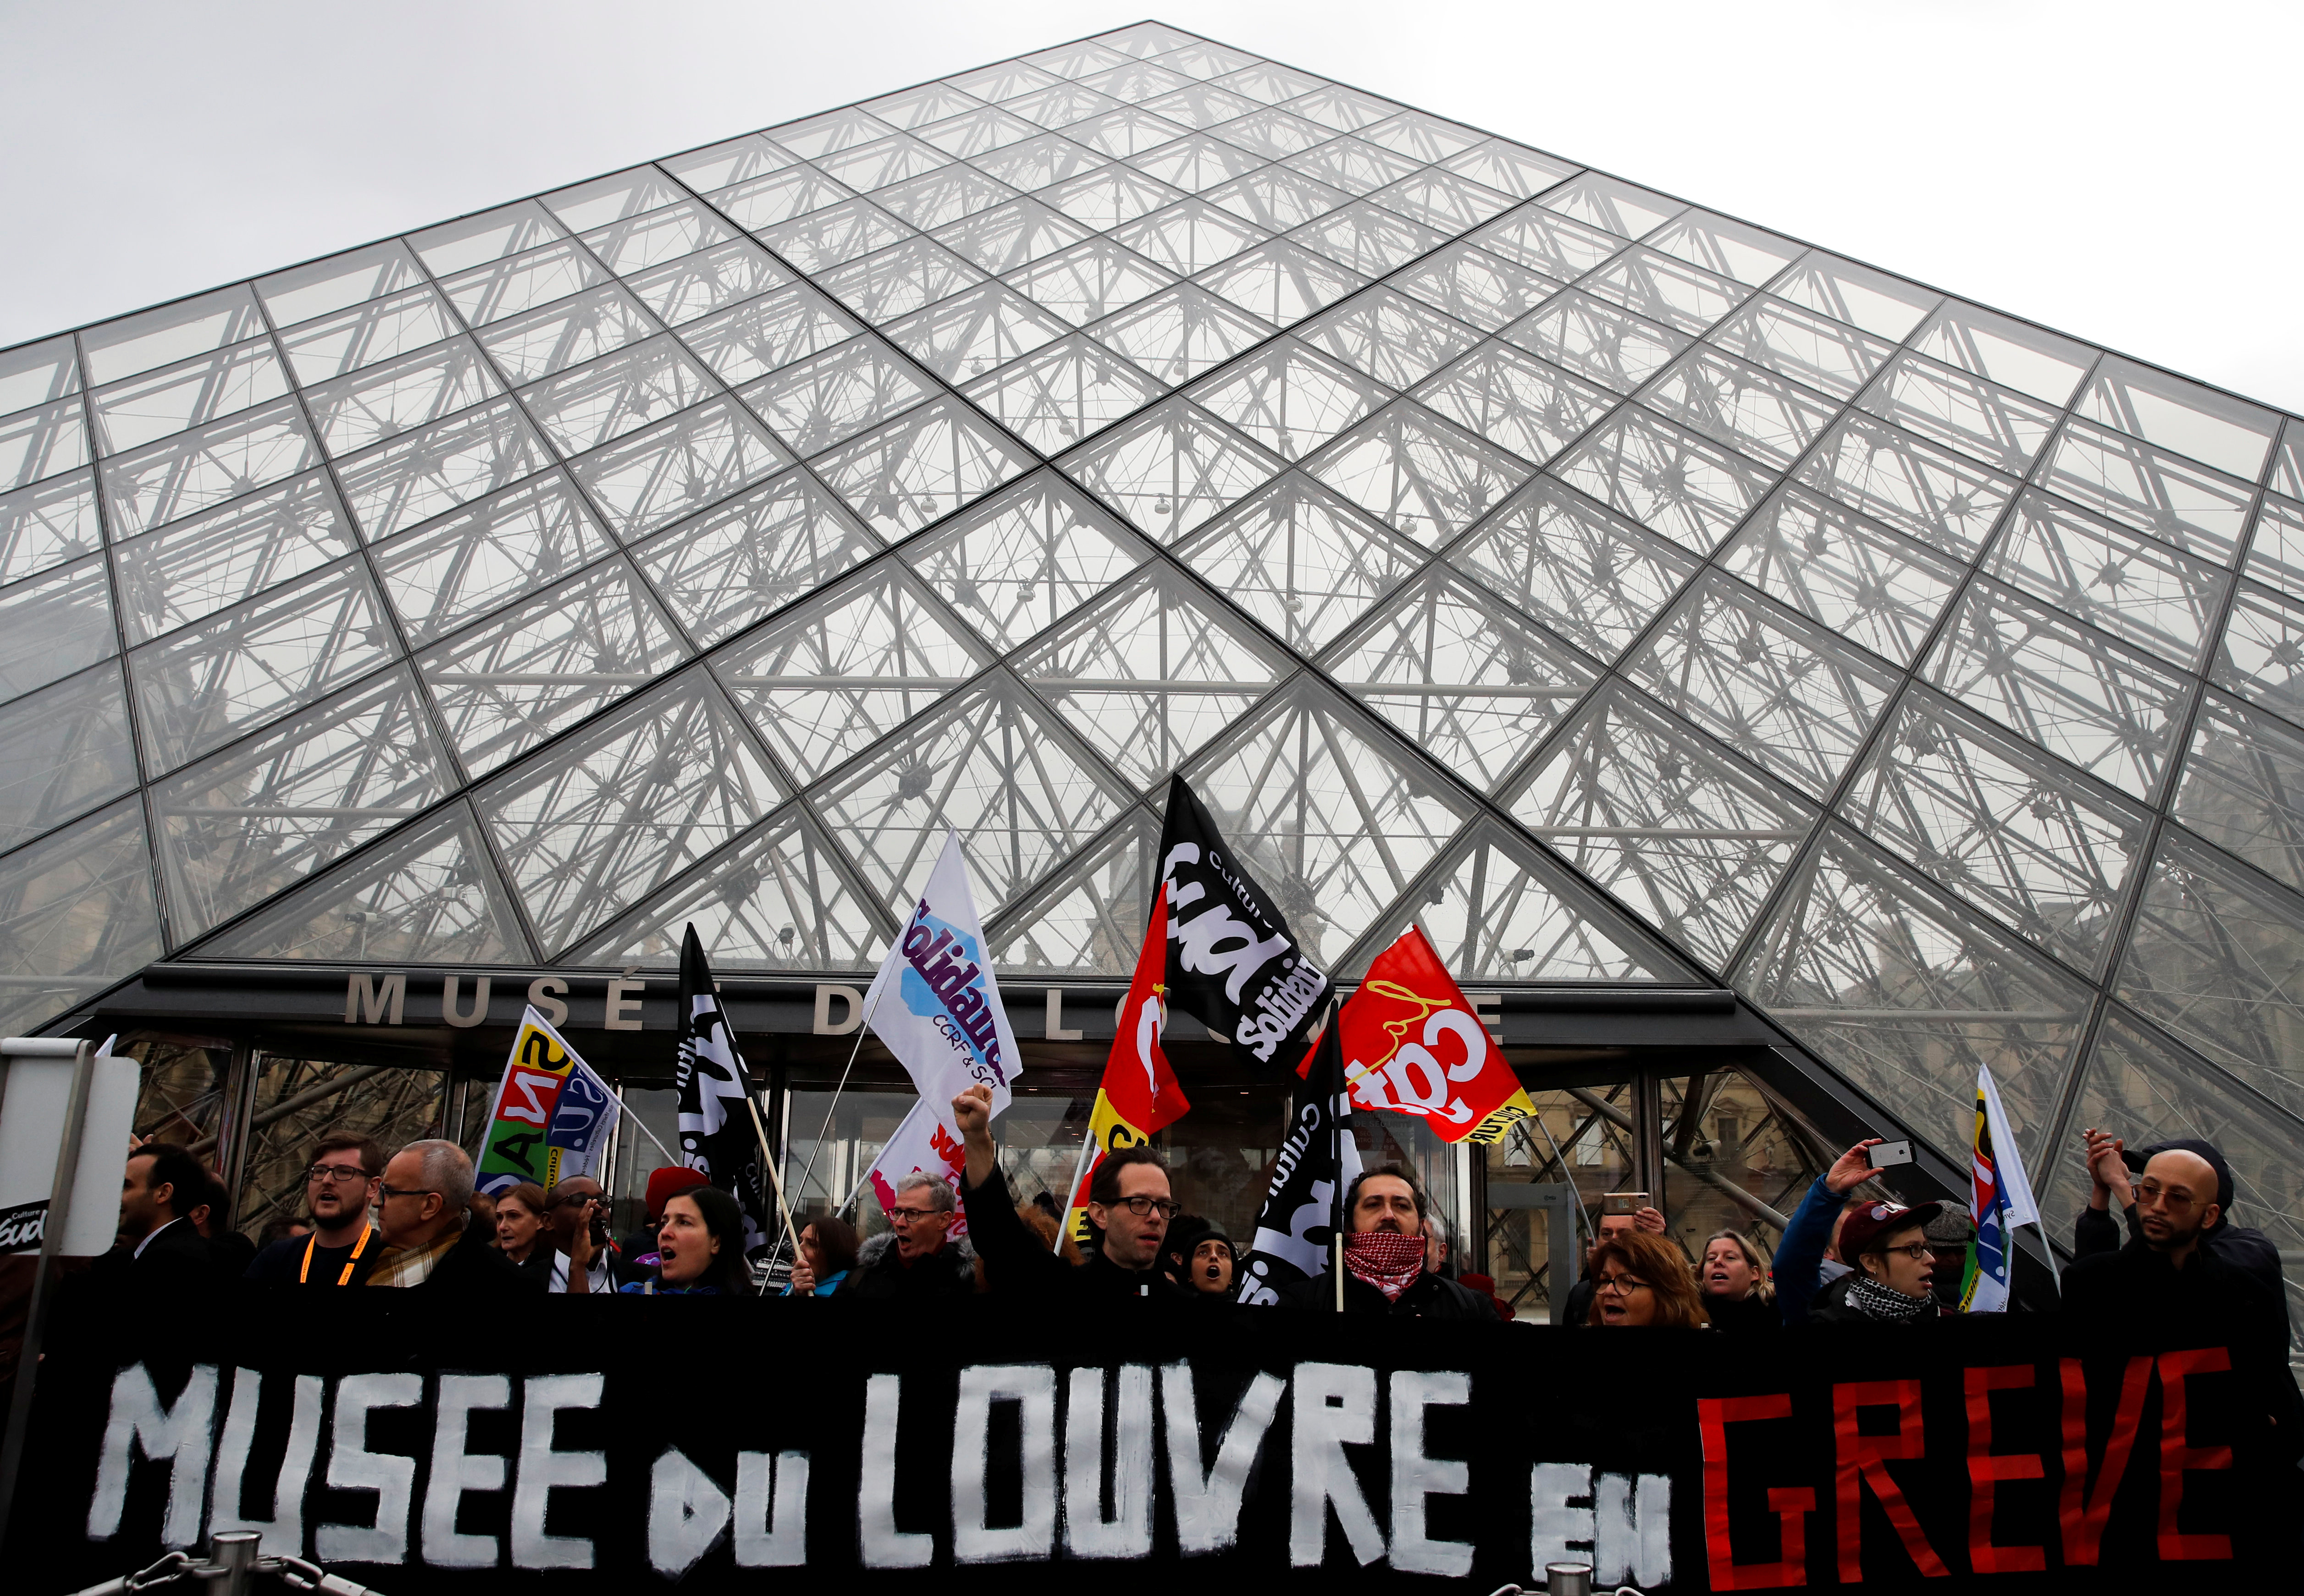 Απεργοί έχουν αποκλείσει το μουσείο του Λούβρου! Οργή από τους τουρίστες